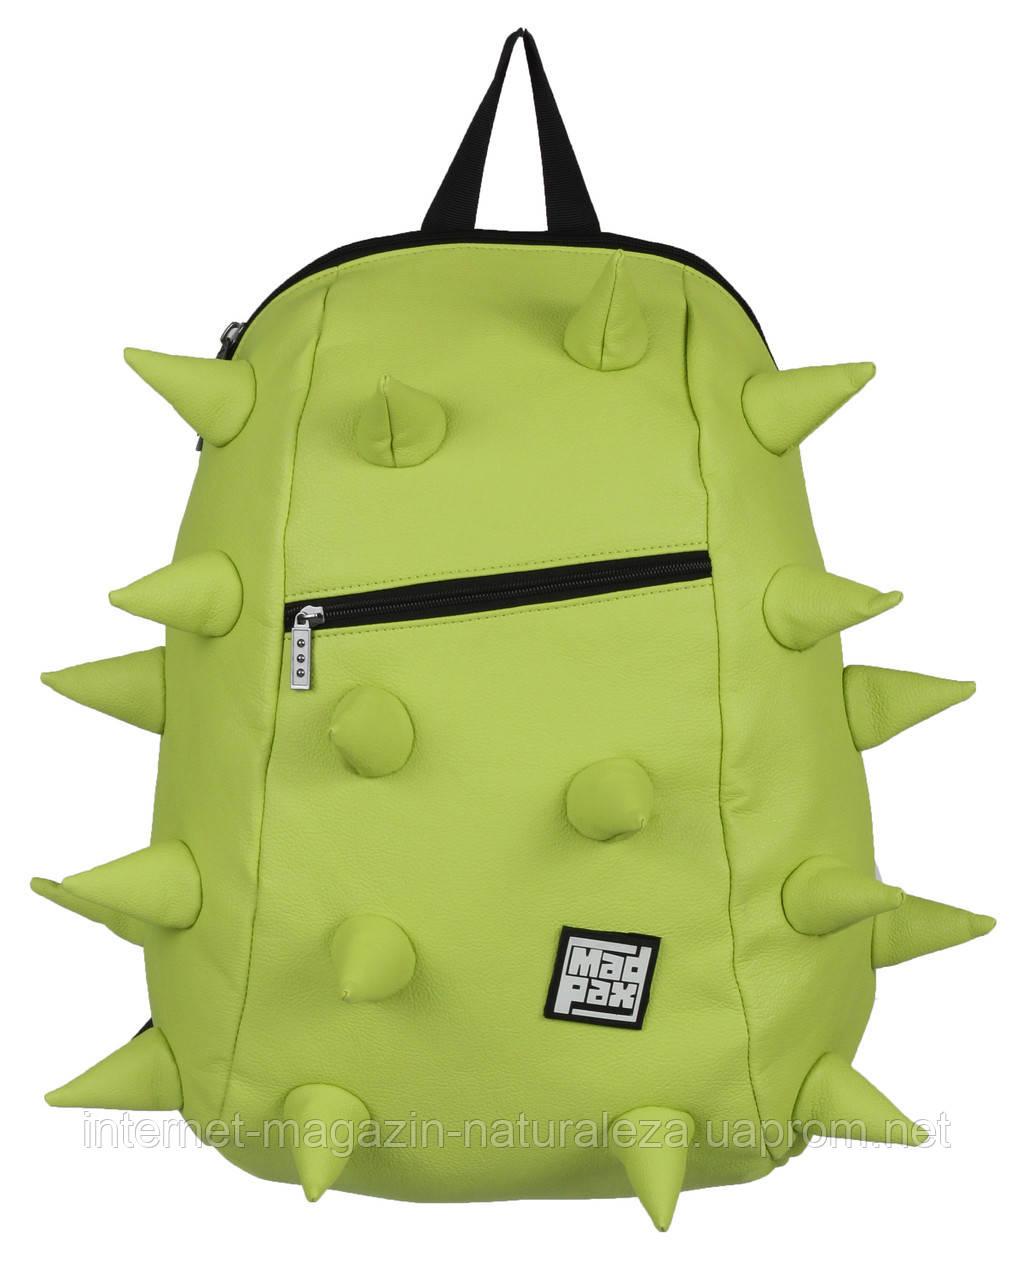 Рюкзак Madpax Rex VE Full цвет Front Zipper Lime